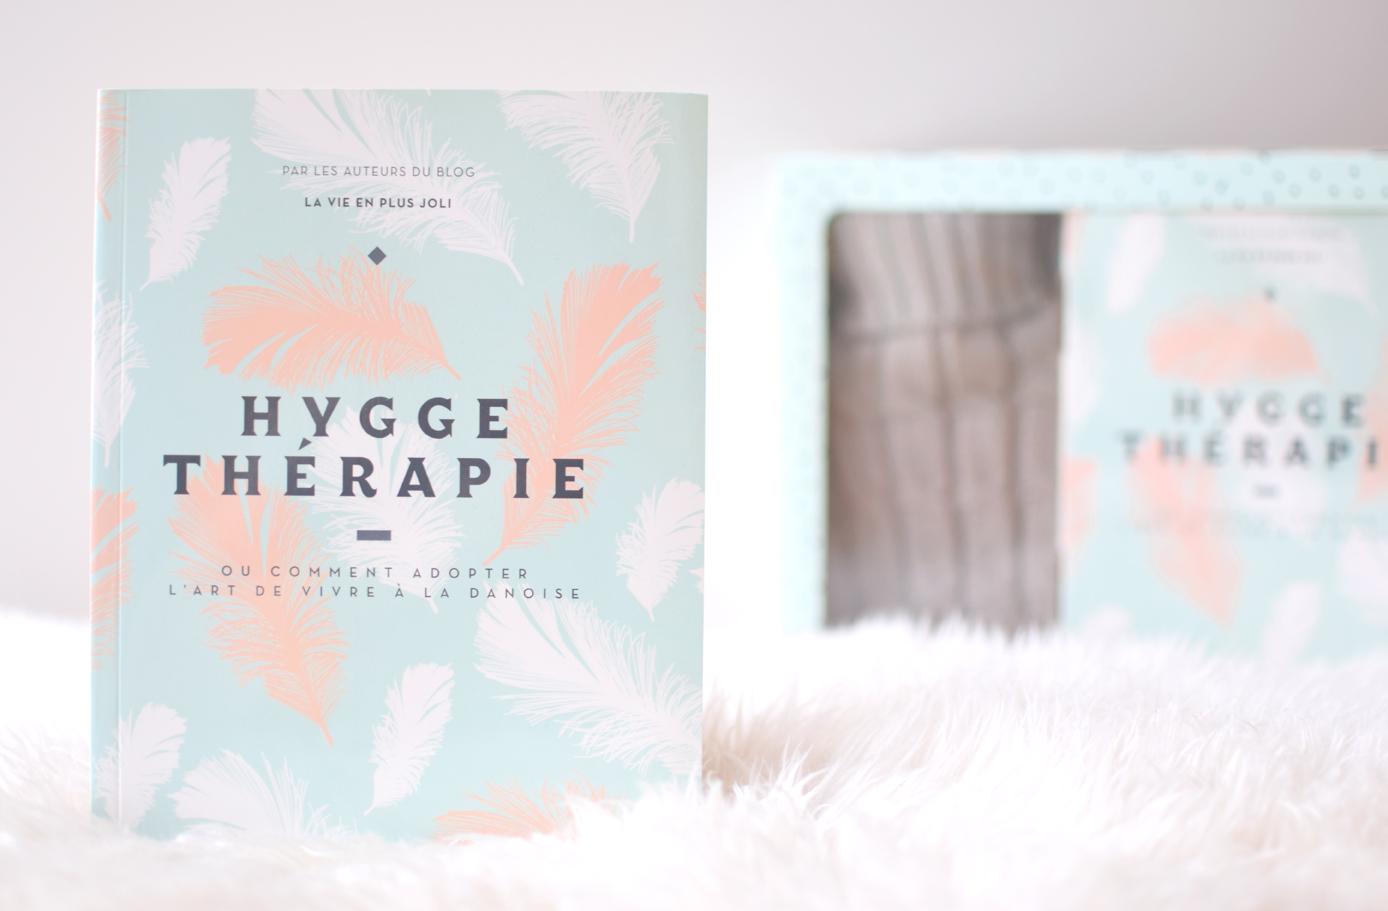 Hygge Thérapie - Conseils pour applique le hyge chez soi